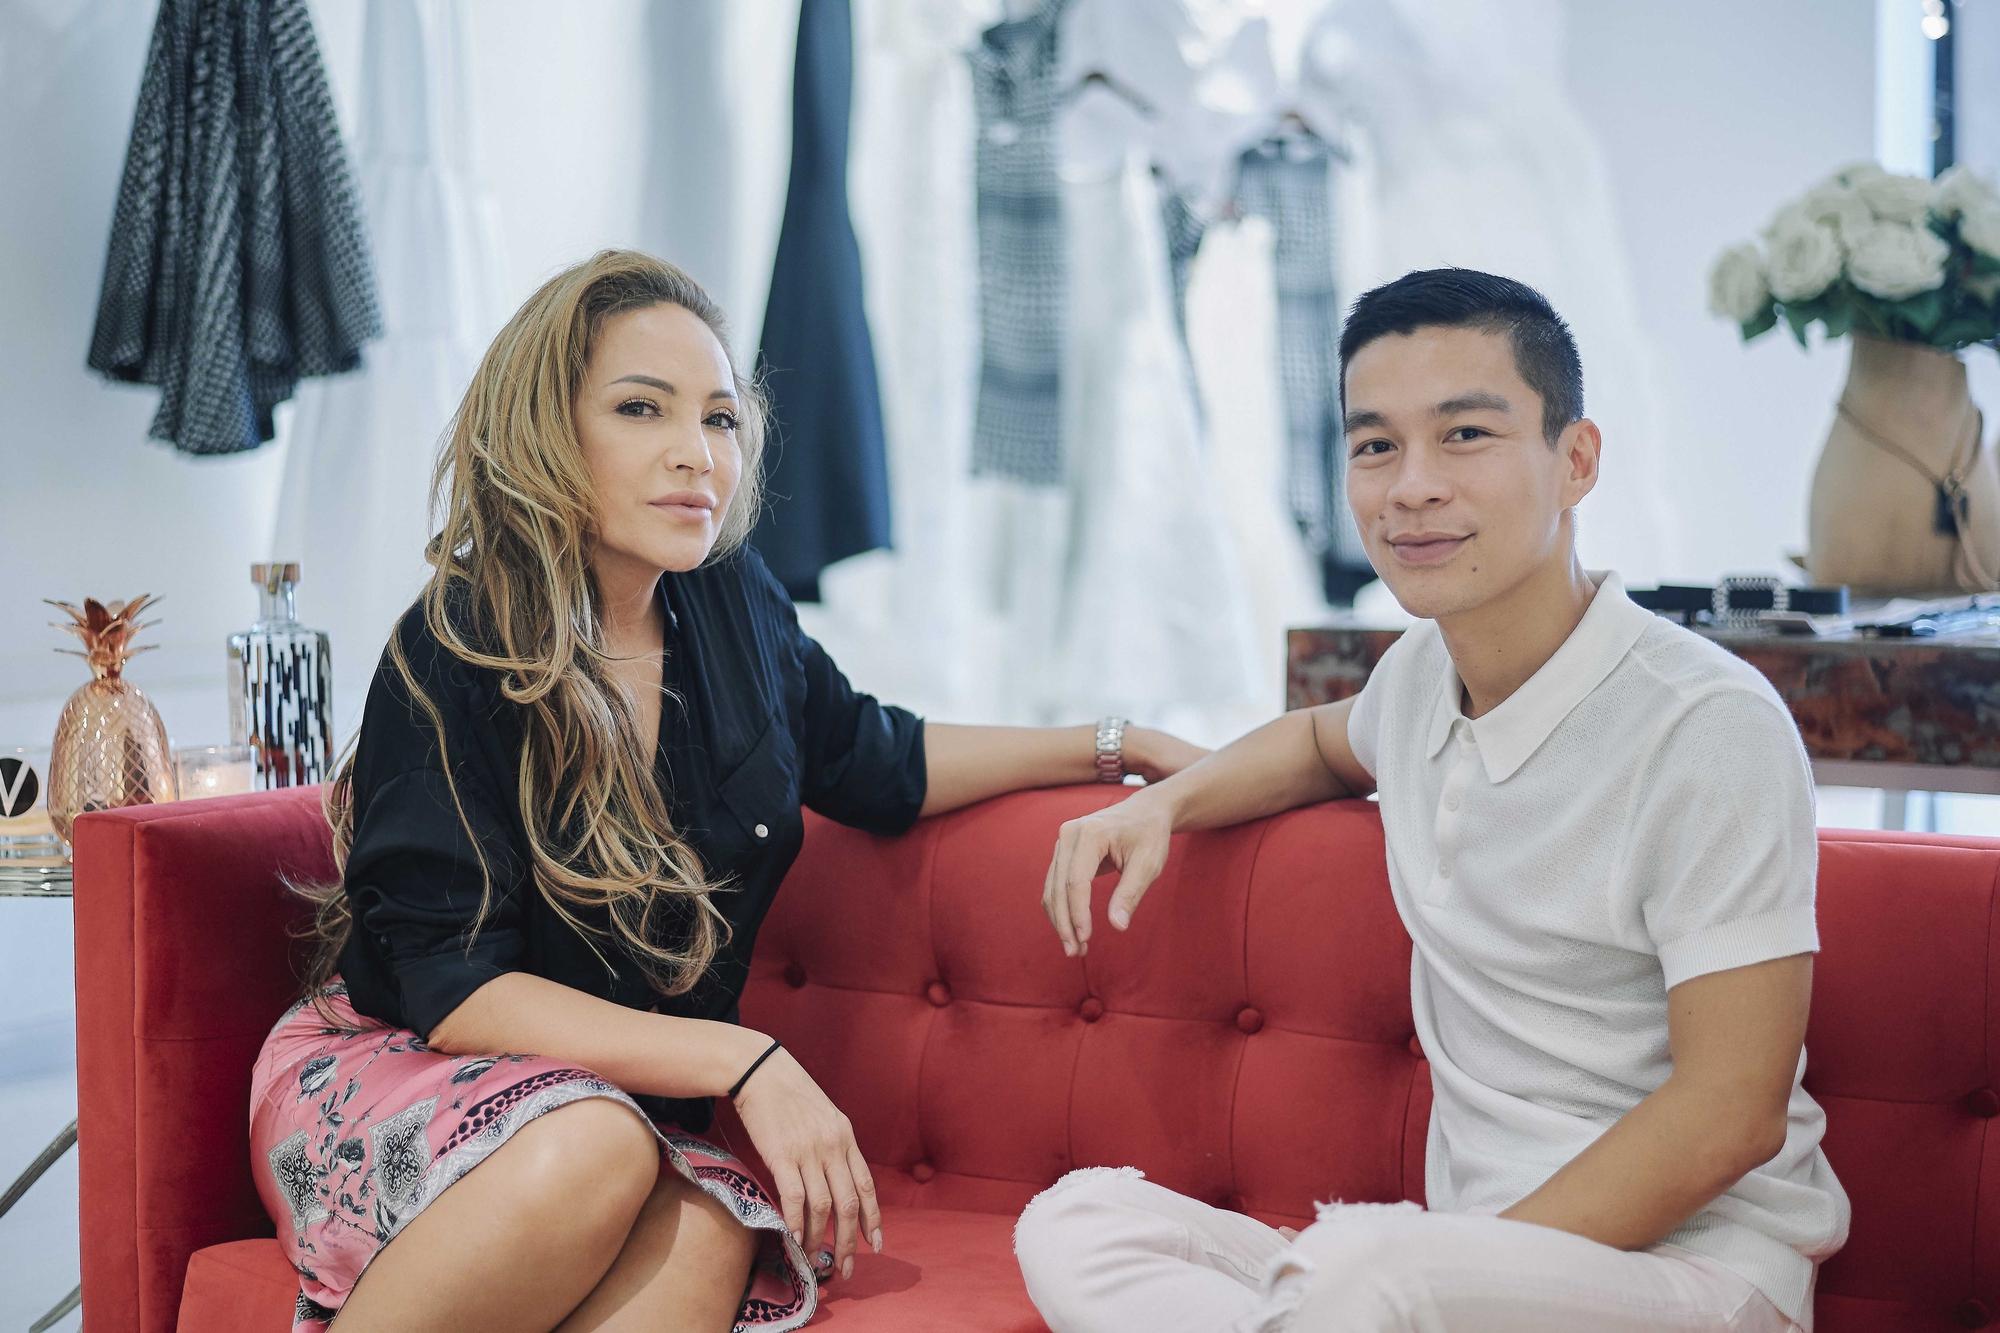 Kỳ Duyên ngày một ra dáng fashion icon, đọ sắc với Phạm Hương trong buổi thử đồ của NTK Adrian Anh Tuấn - Ảnh 9.